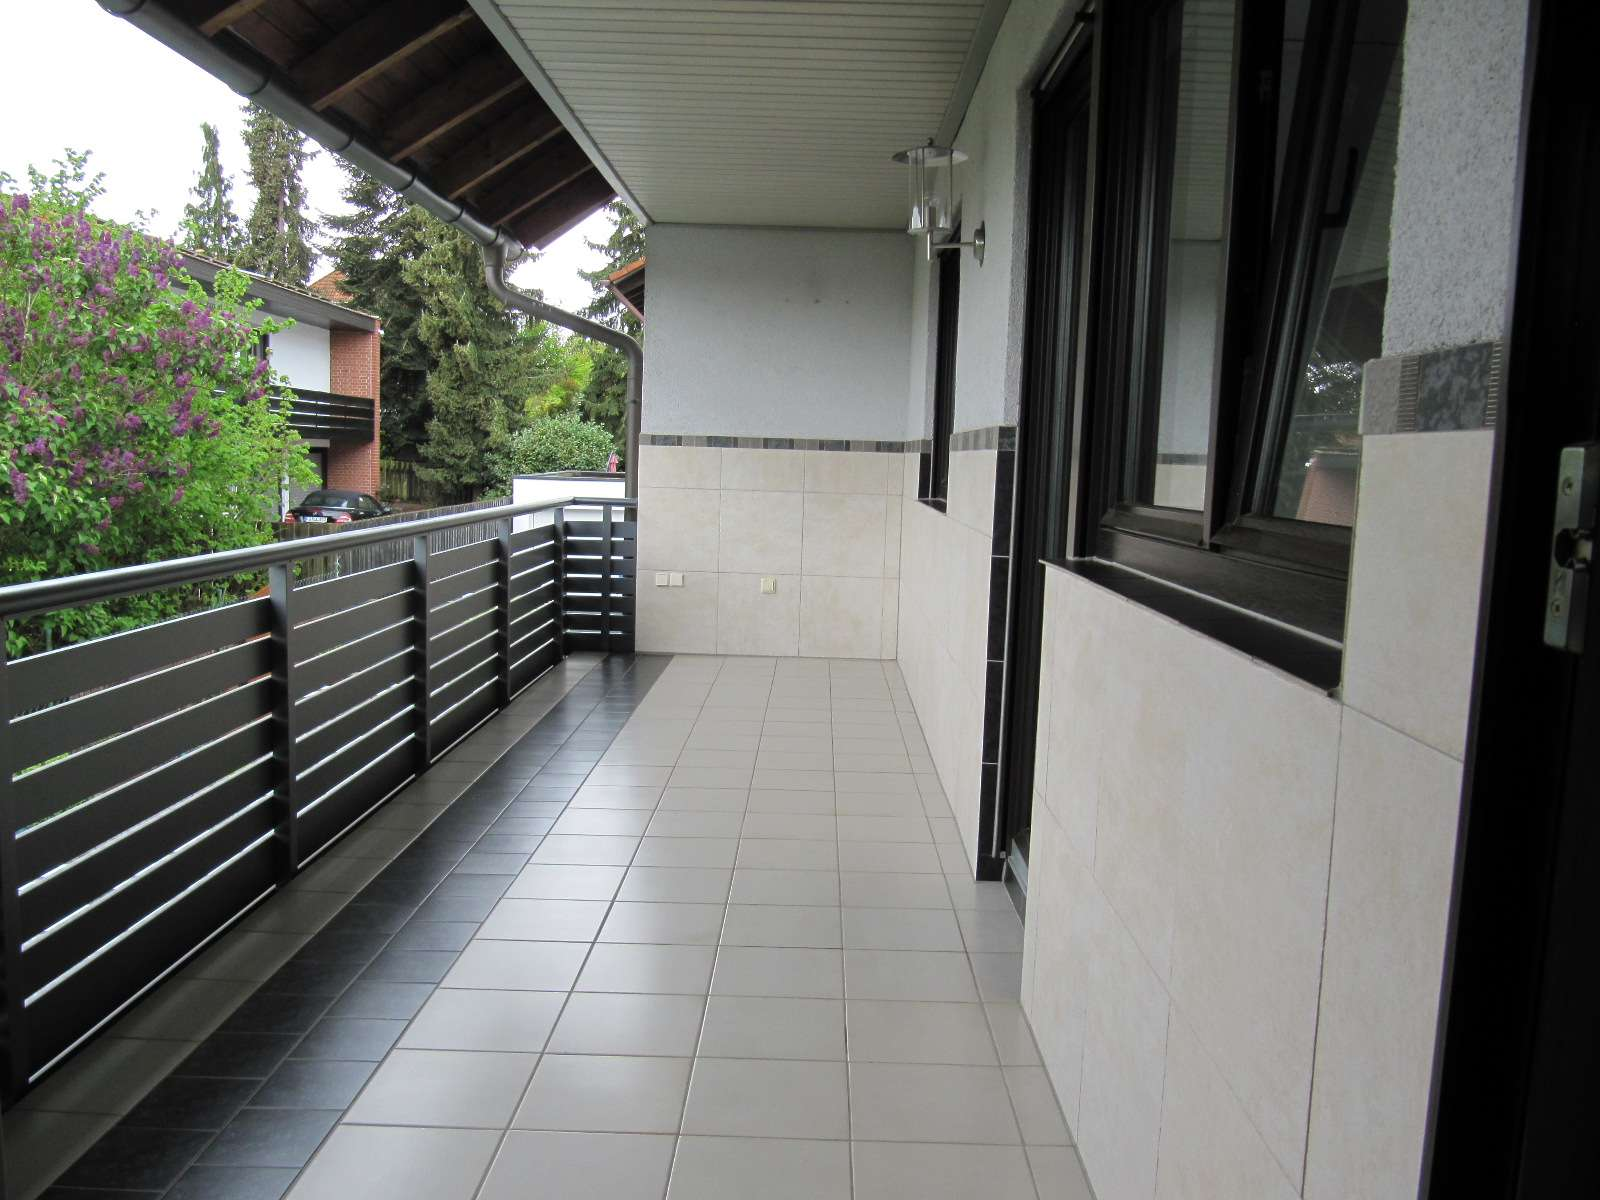 Fürth-Vach ! Gepflegte große 3 1/2 ZW, ca. 114 qm, großer Balkon, Fußbodenheizung, ruhige Lage in